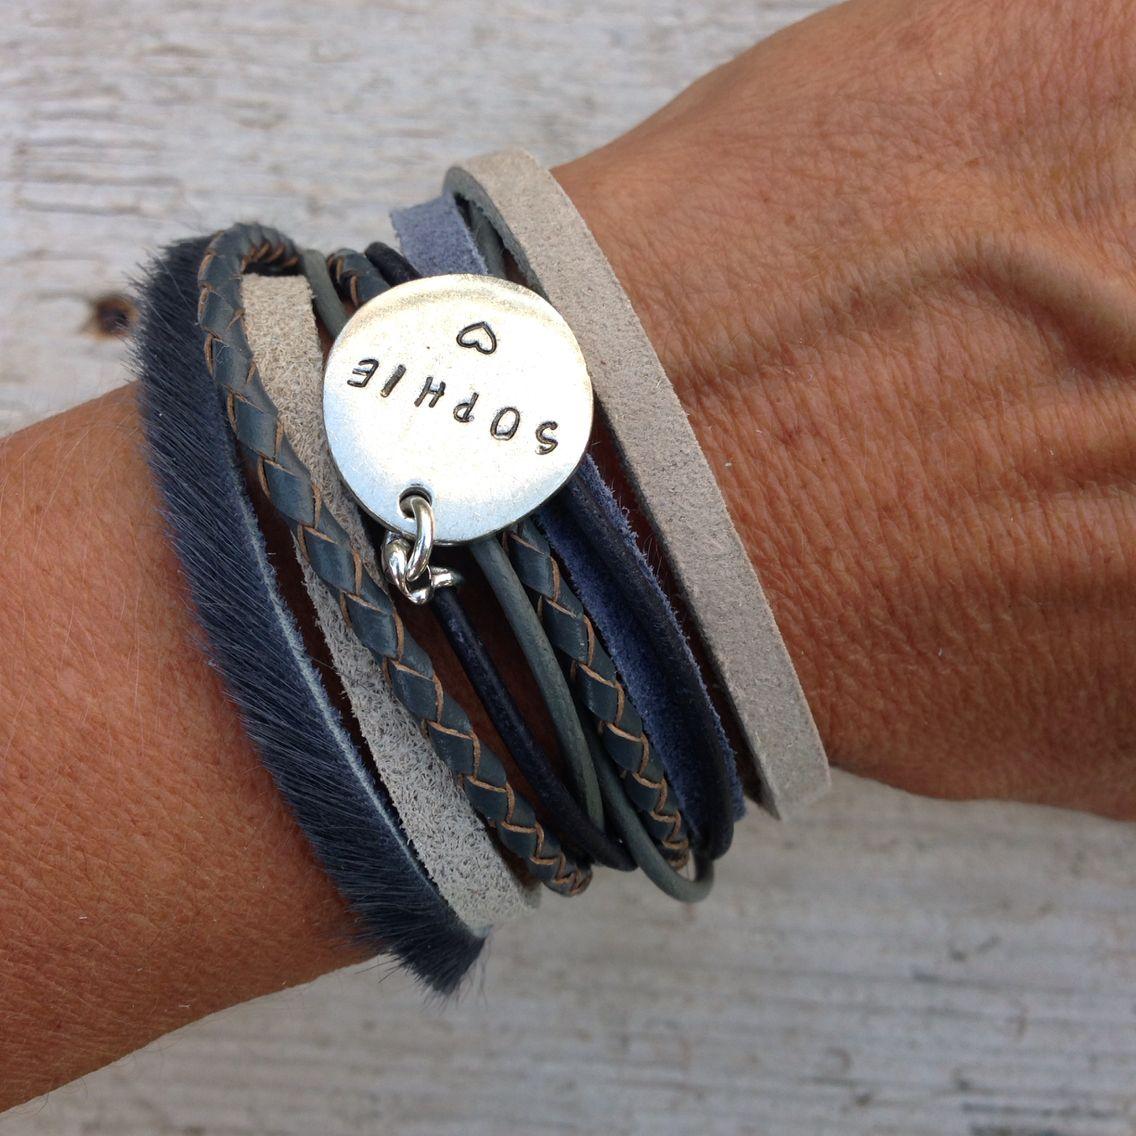 Handmade jewelry met de mogelijkheid van een naambedels. Stoer en persoonlijk #label160 #handmade #jewelry #sieraden #wikkelarmband #wrapbracelet #armband #armcandy #leer #bracelet #stoer #musthave #webshop #style #fashion #musthave #nederland #inspiratie #inspiration www.label160.nl